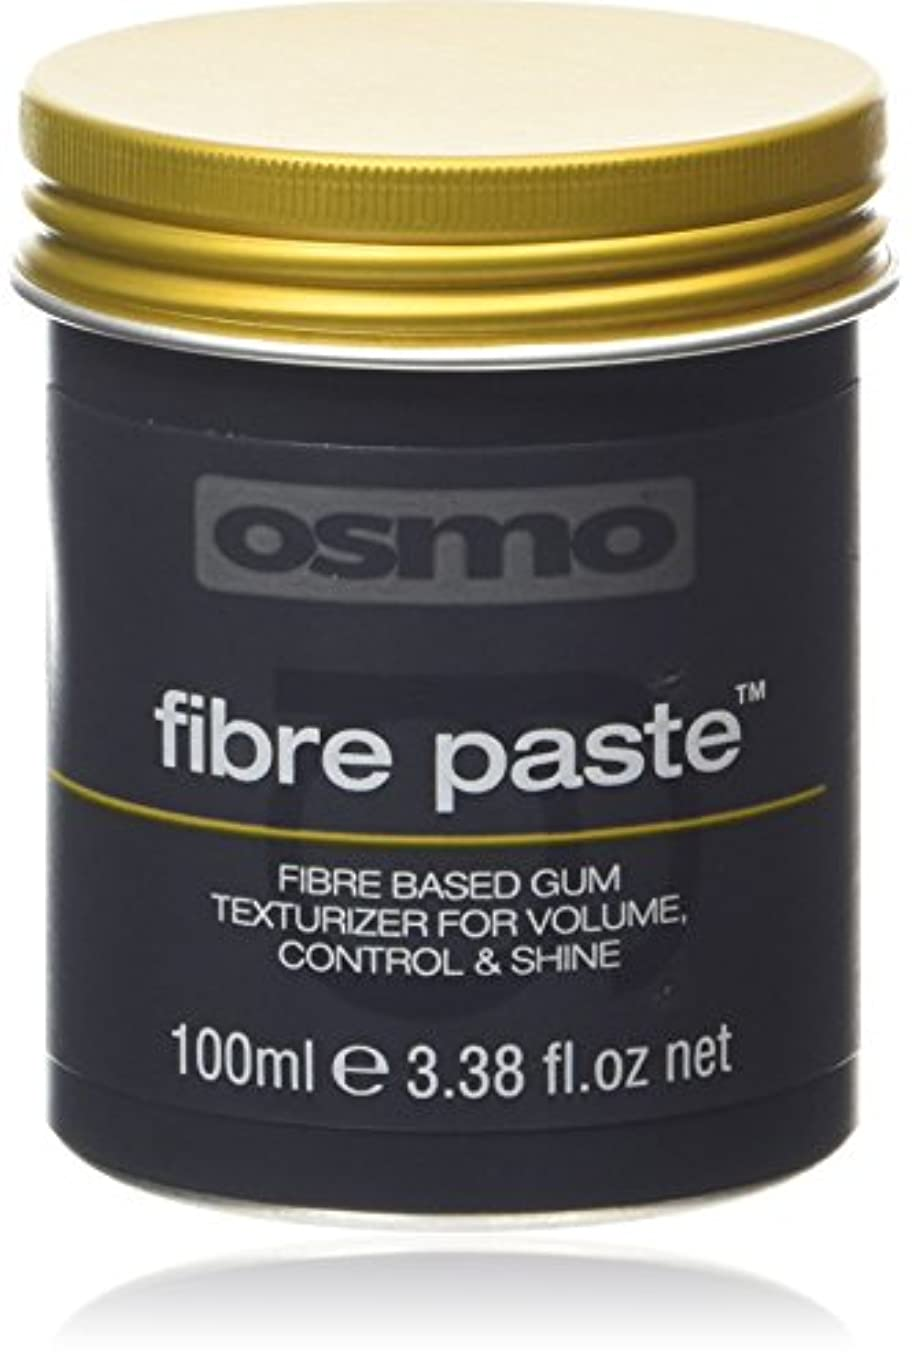 発見置くためにパック余計なアレス OSMO グルーミングヘアワックス ファイバーペースト 100ml